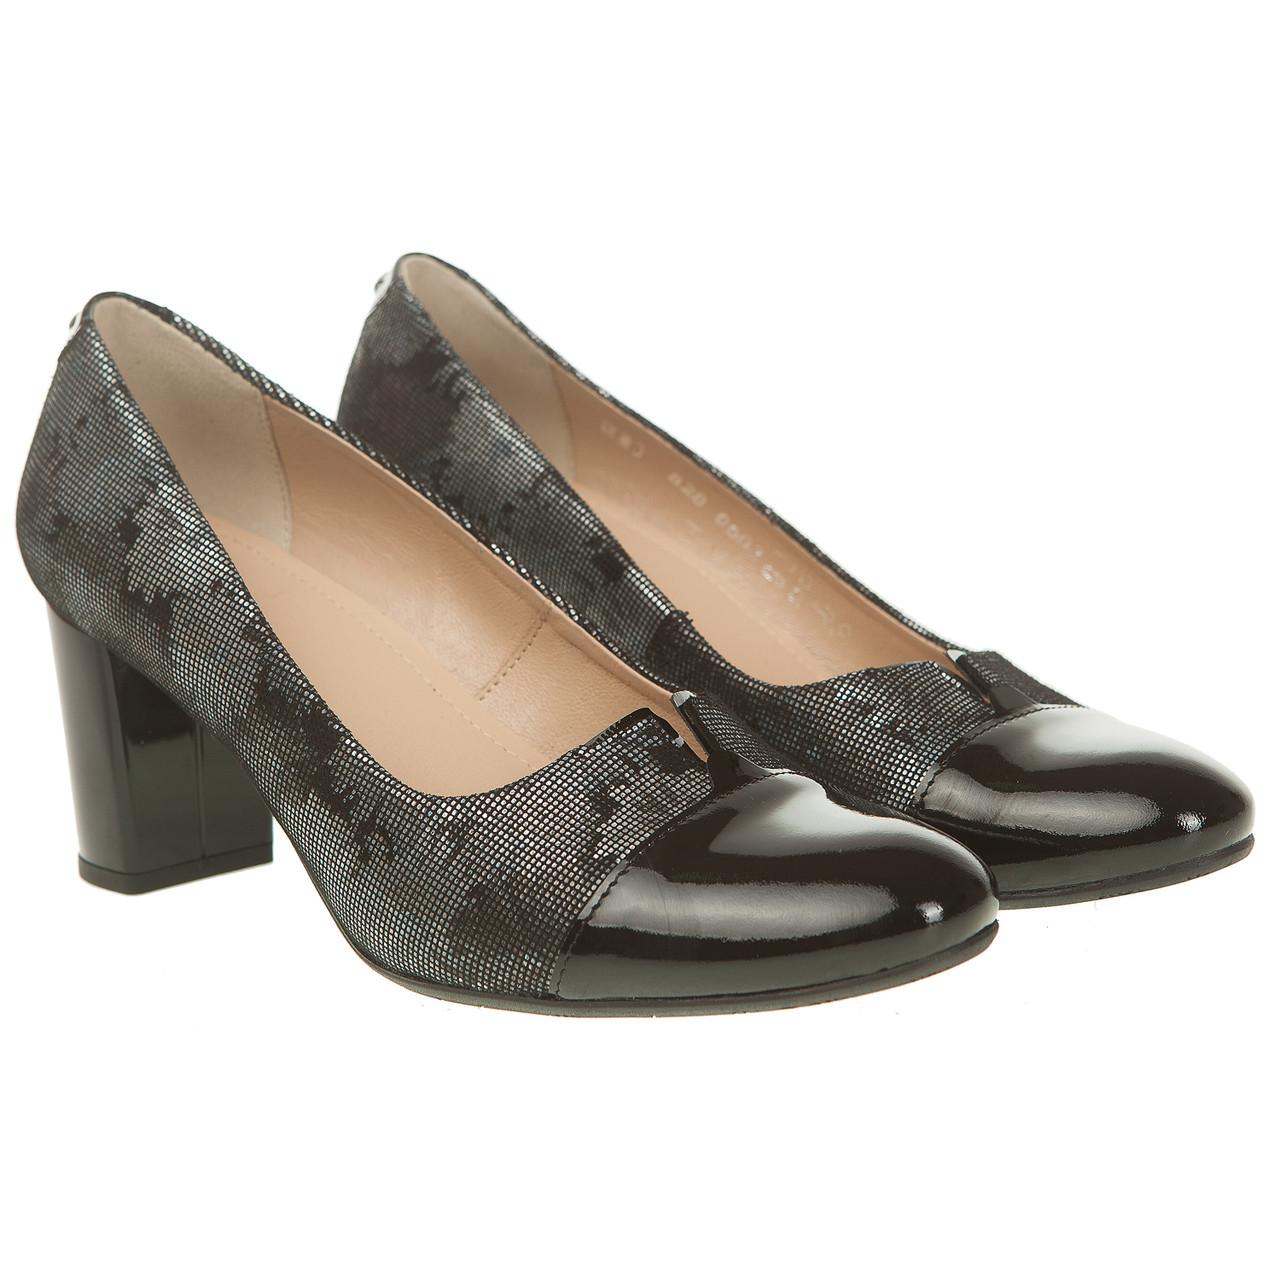 Туфли женские Marco (удобные, качественные, практичные, отличное сочетание оттенков)